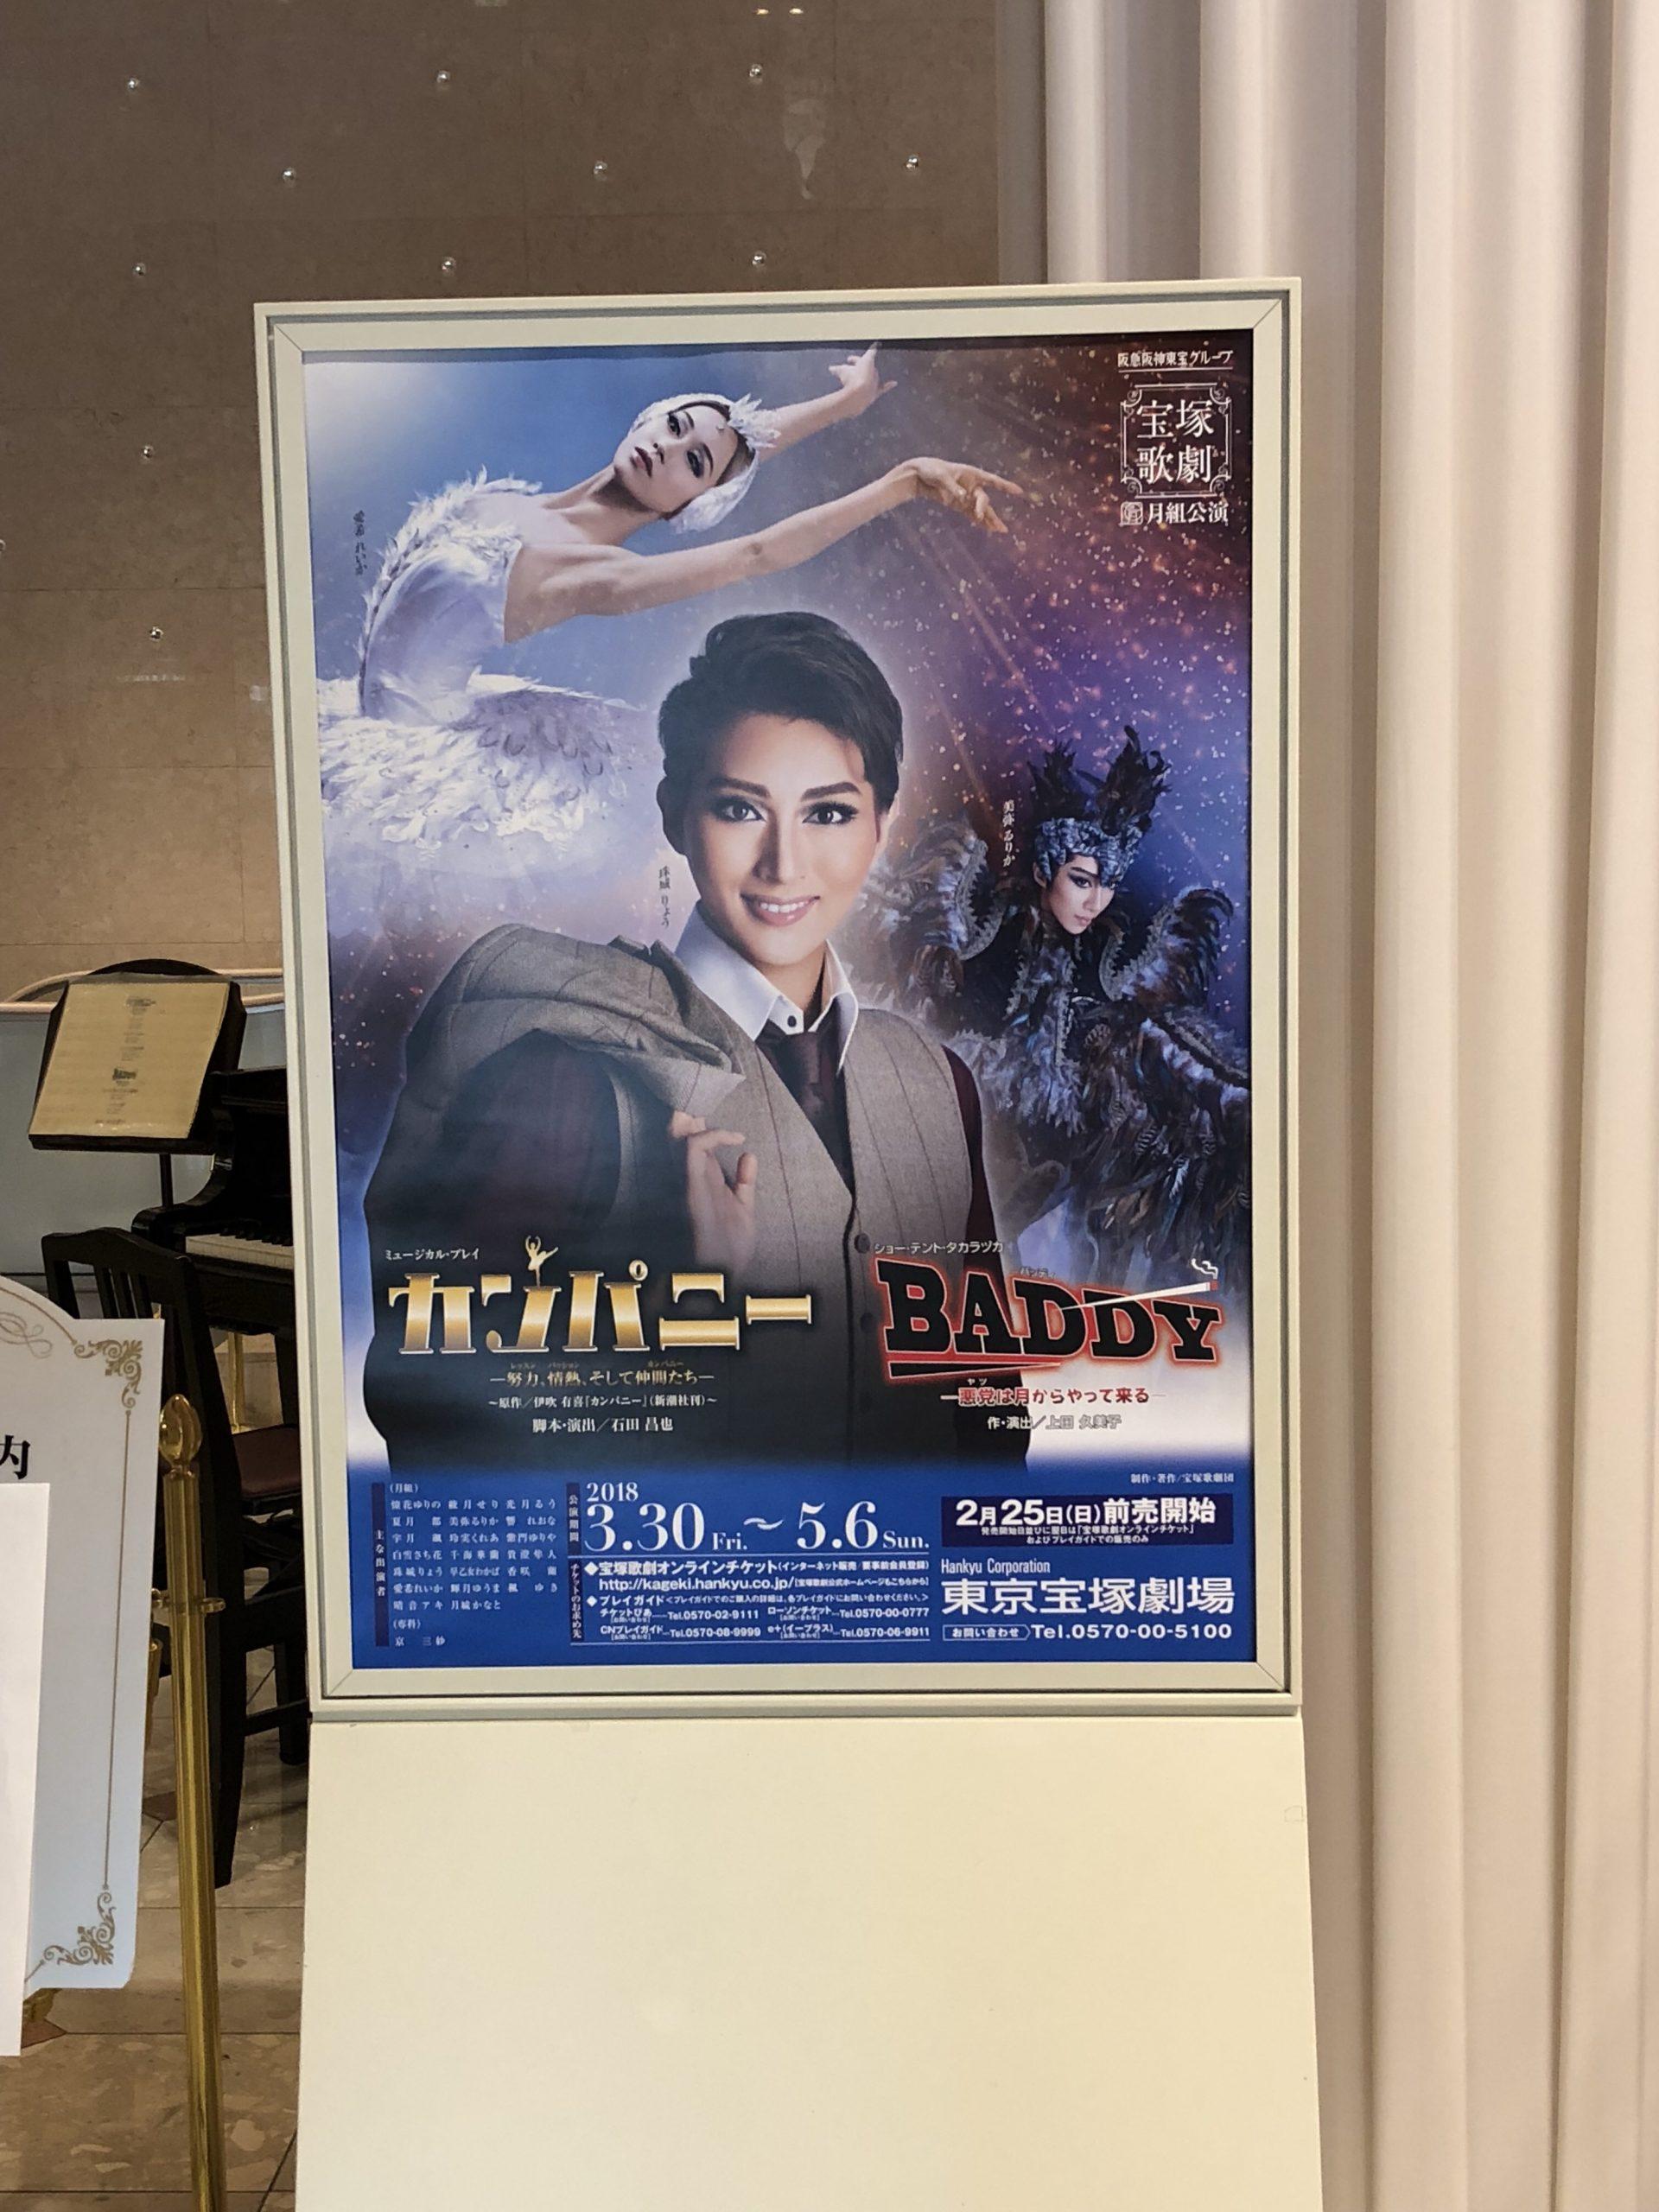 3/31 月組 カンパニー/BADDY